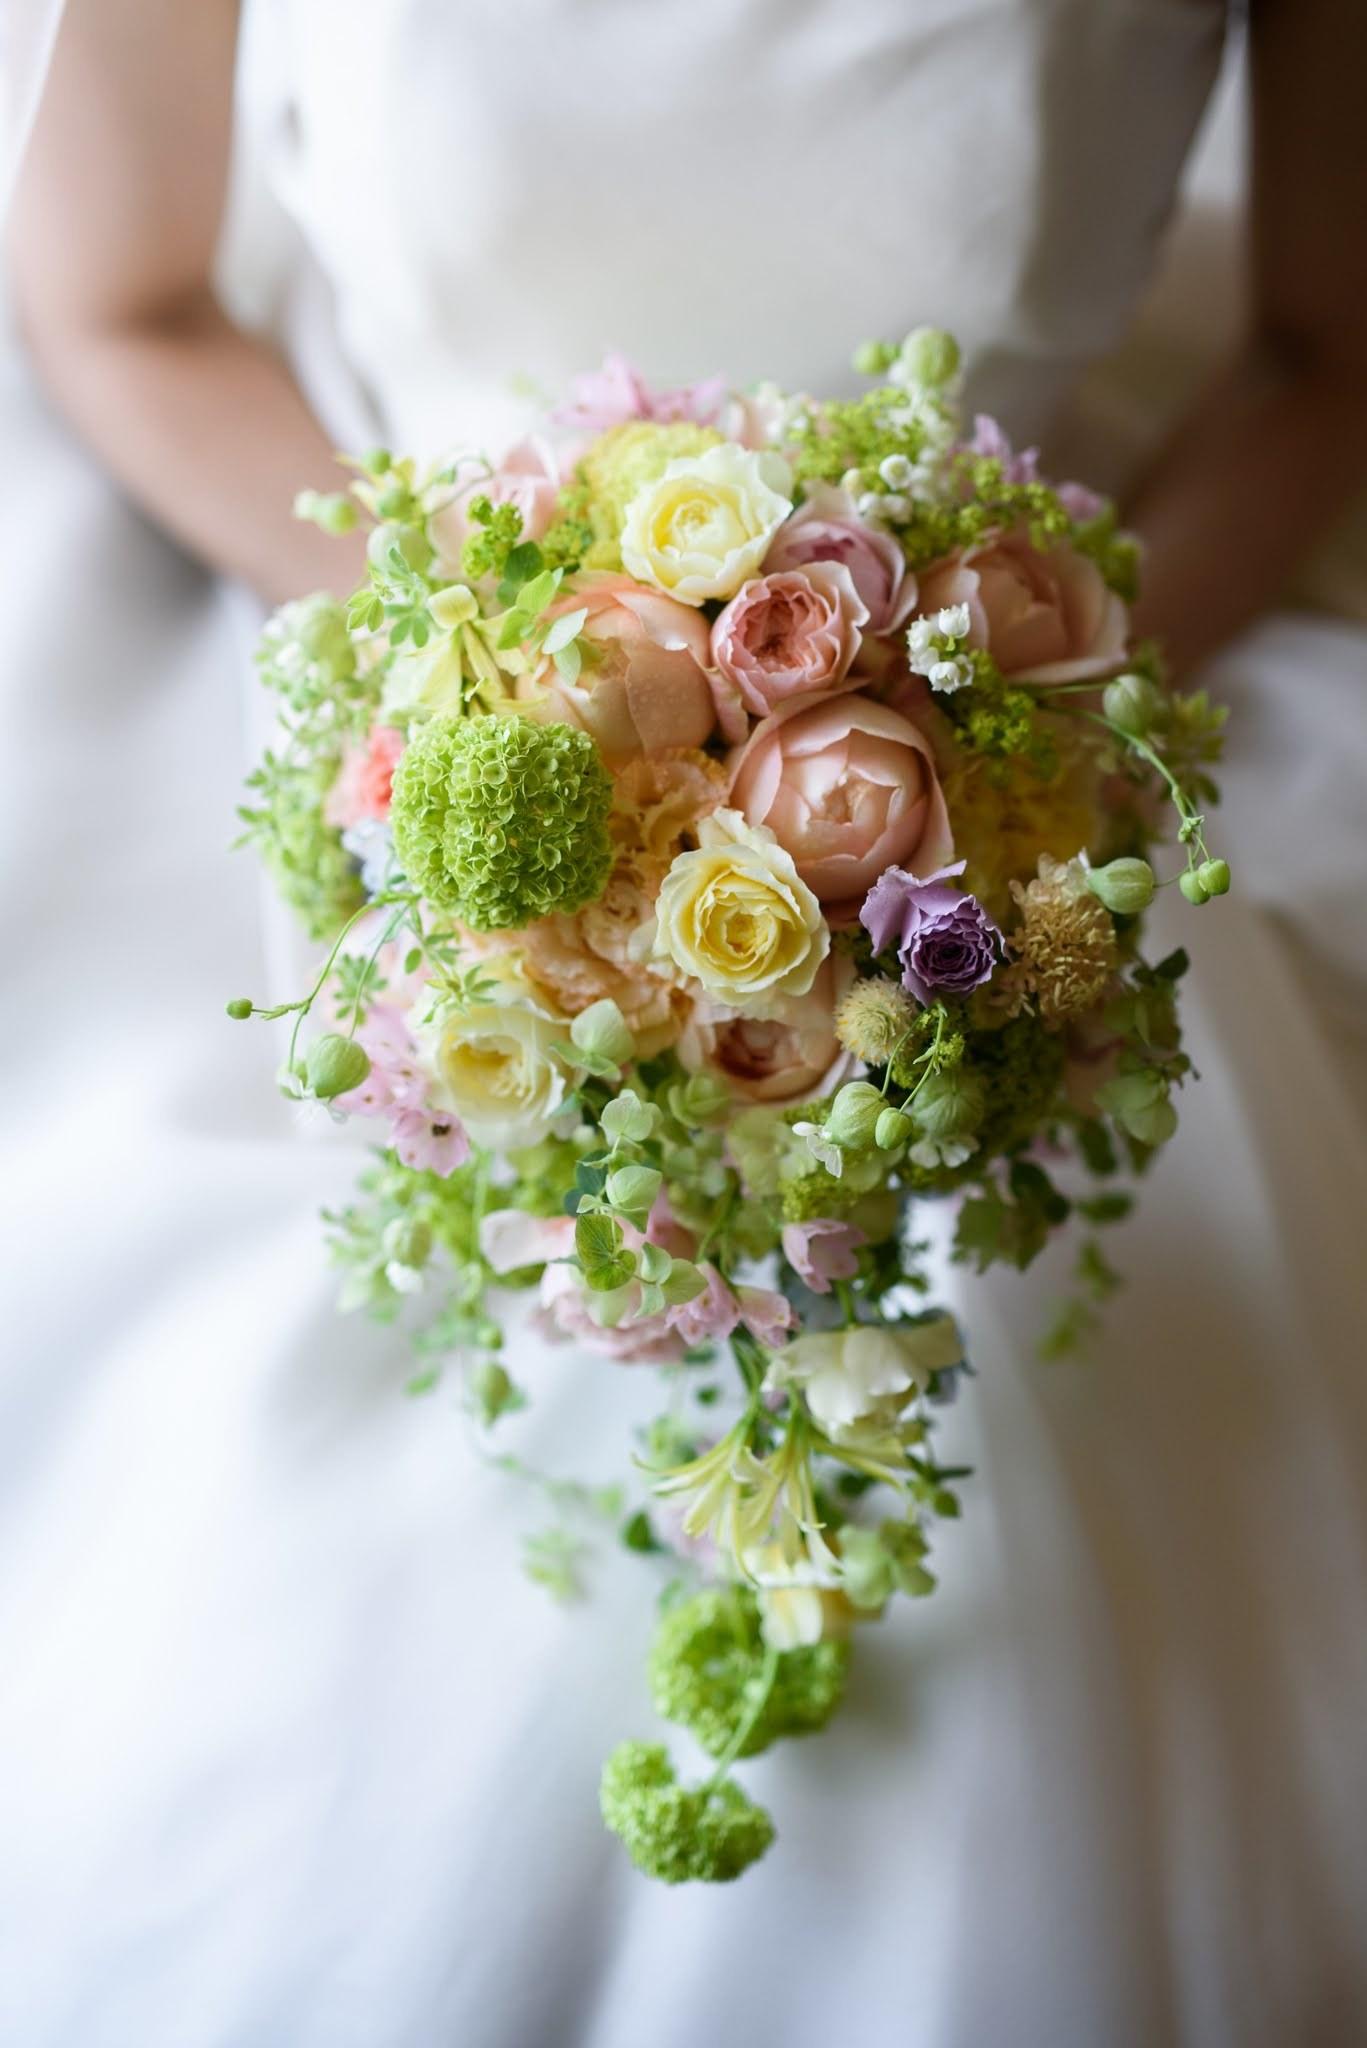 新郎新婦様からのメール ヨコハマグランドインターコンチネンタル様へ KIZUNA、そして26種の花_a0042928_16461613.jpg